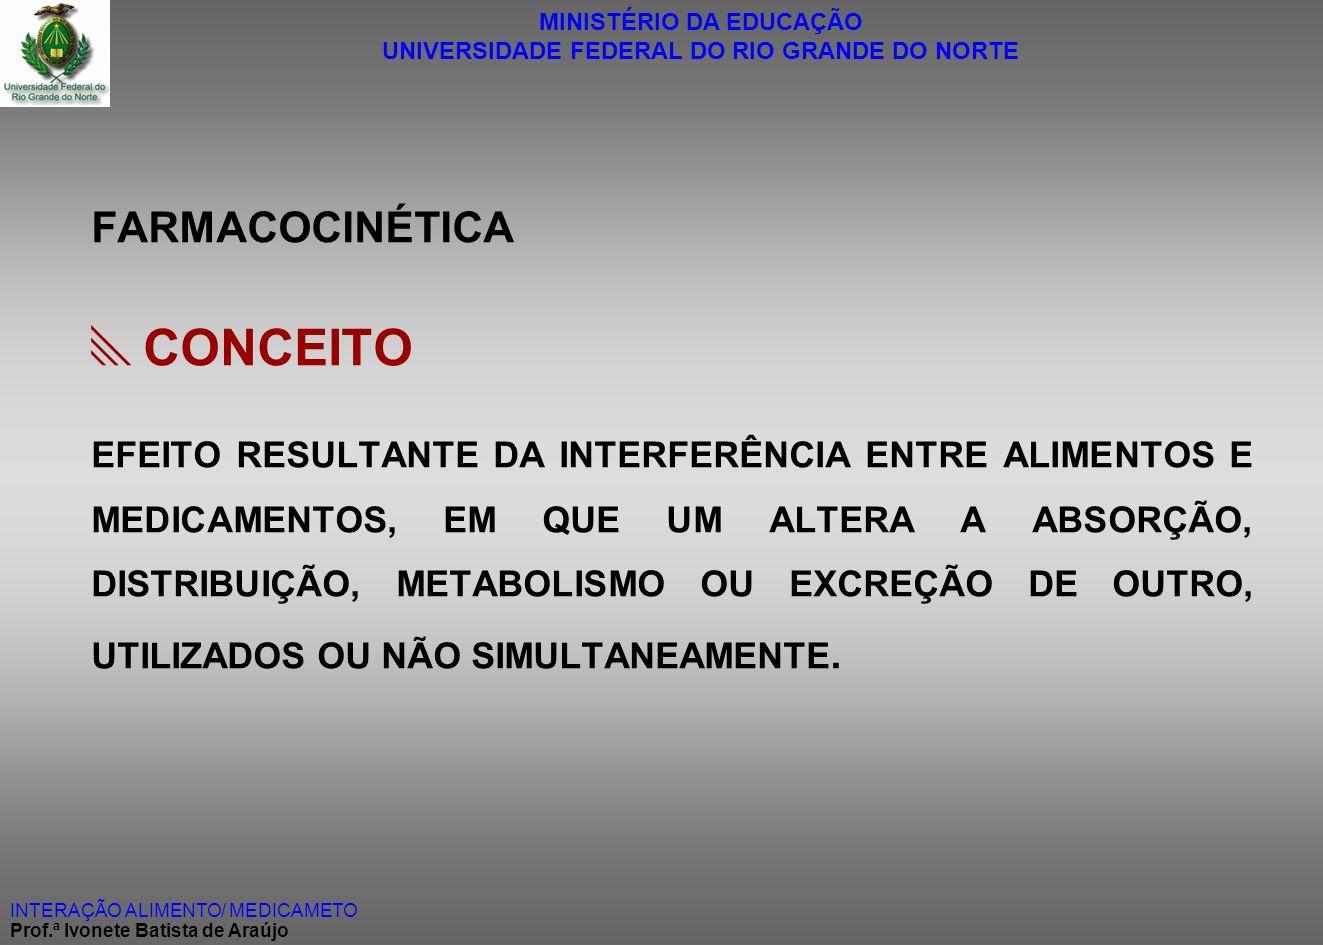 MINISTÉRIO DA EDUCAÇÃO UNIVERSIDADE FEDERAL DO RIO GRANDE DO NORTE INTERAÇÃO ALIMENTO/ MEDICAMETO Prof.ª Ivonete Batista de Araújo FARMACOCINÉTICA CON